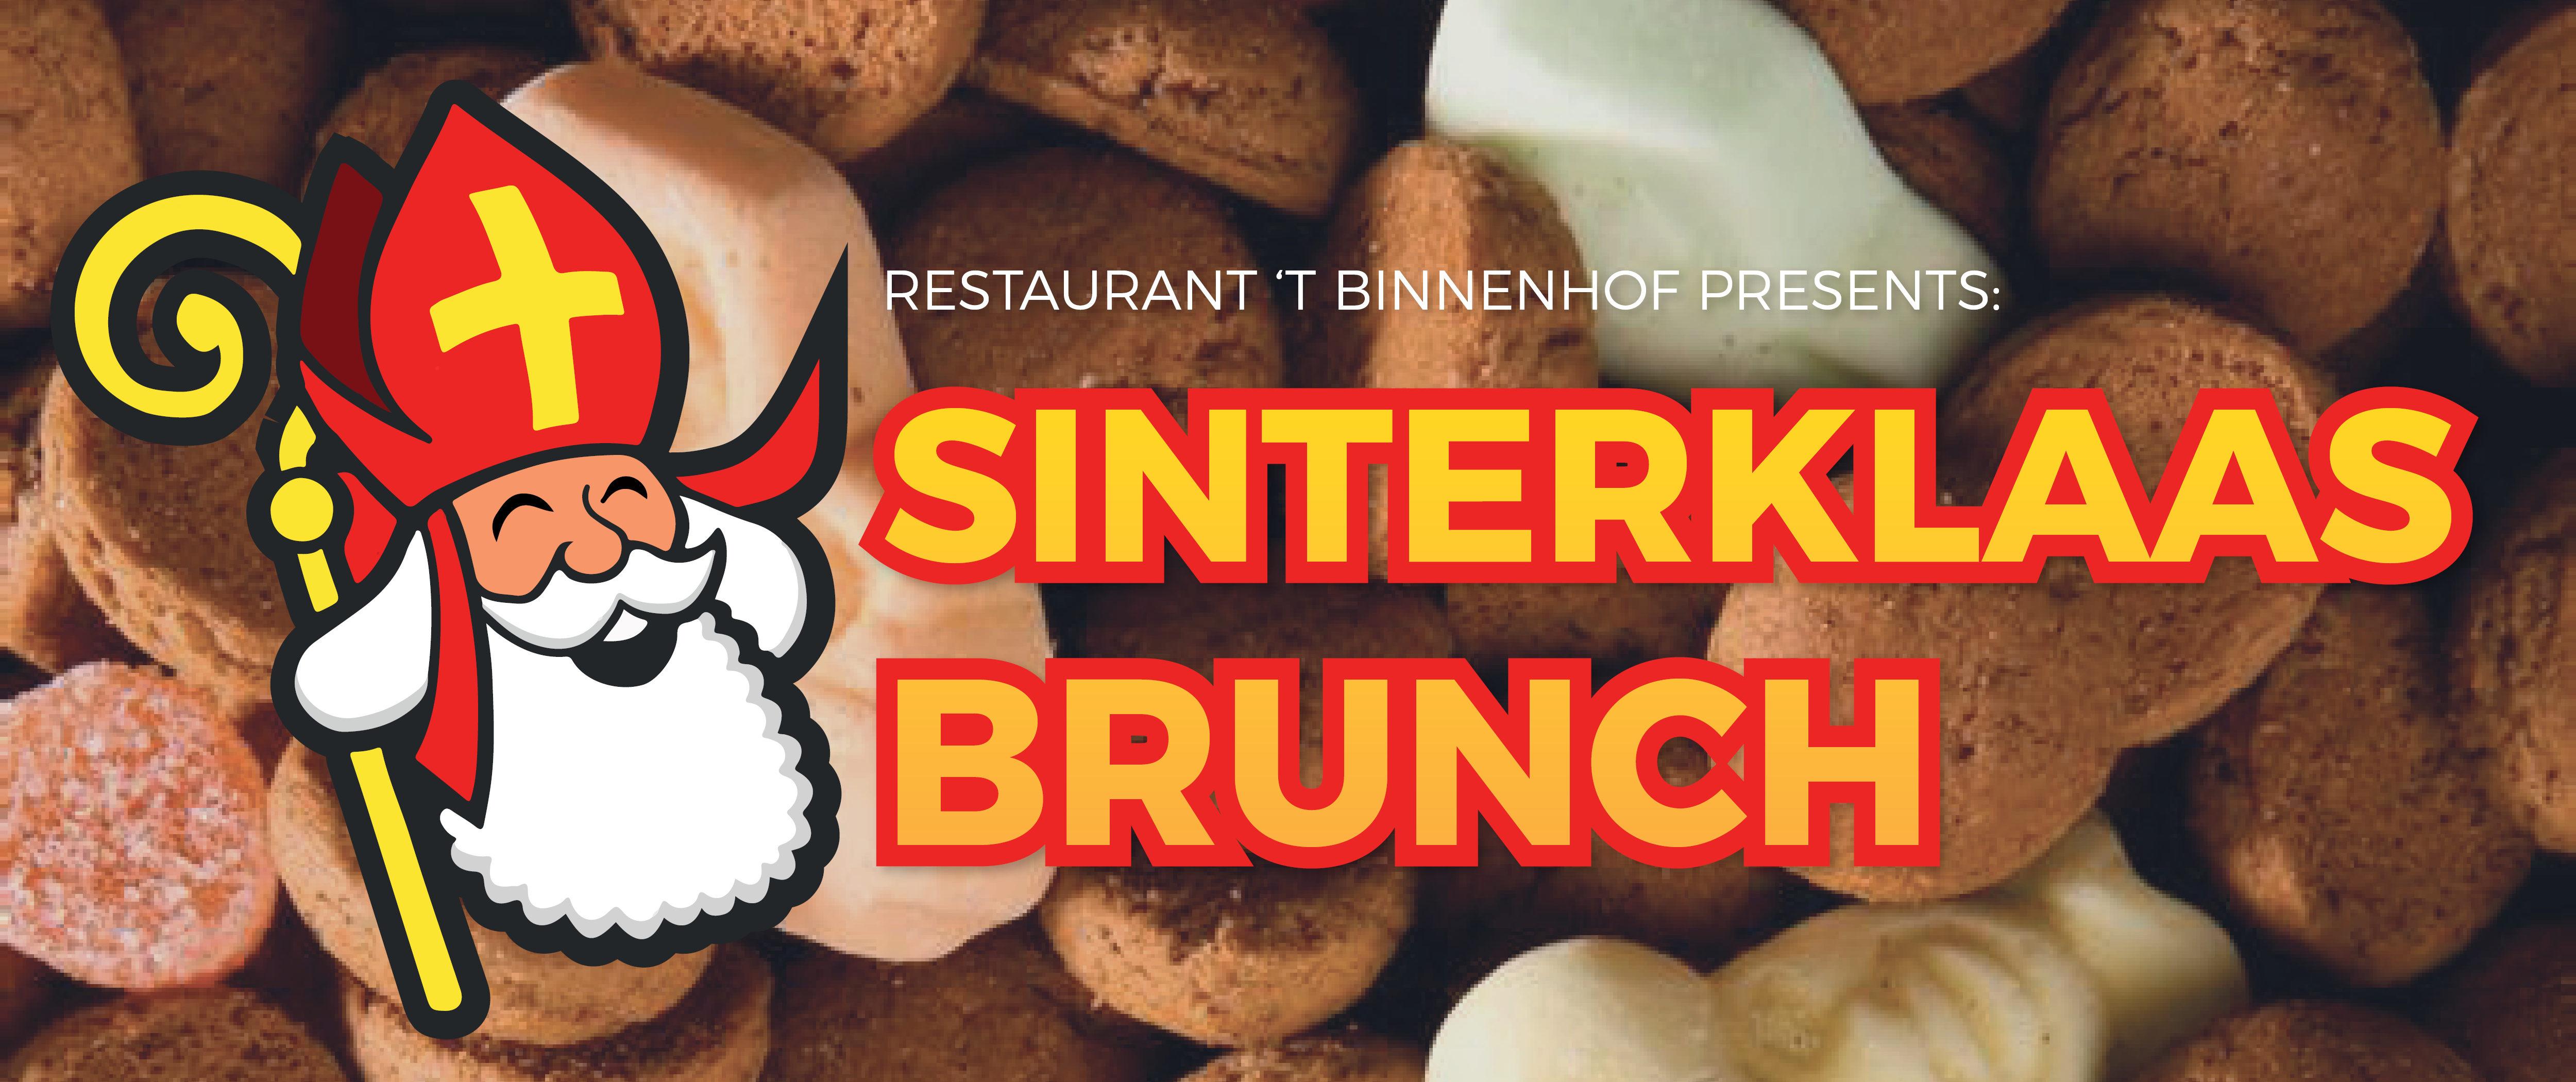 Sinterklaasbrunch bij Restaurant 't Binnenhof in Paasloo Overijssel (bij Steenwijk)